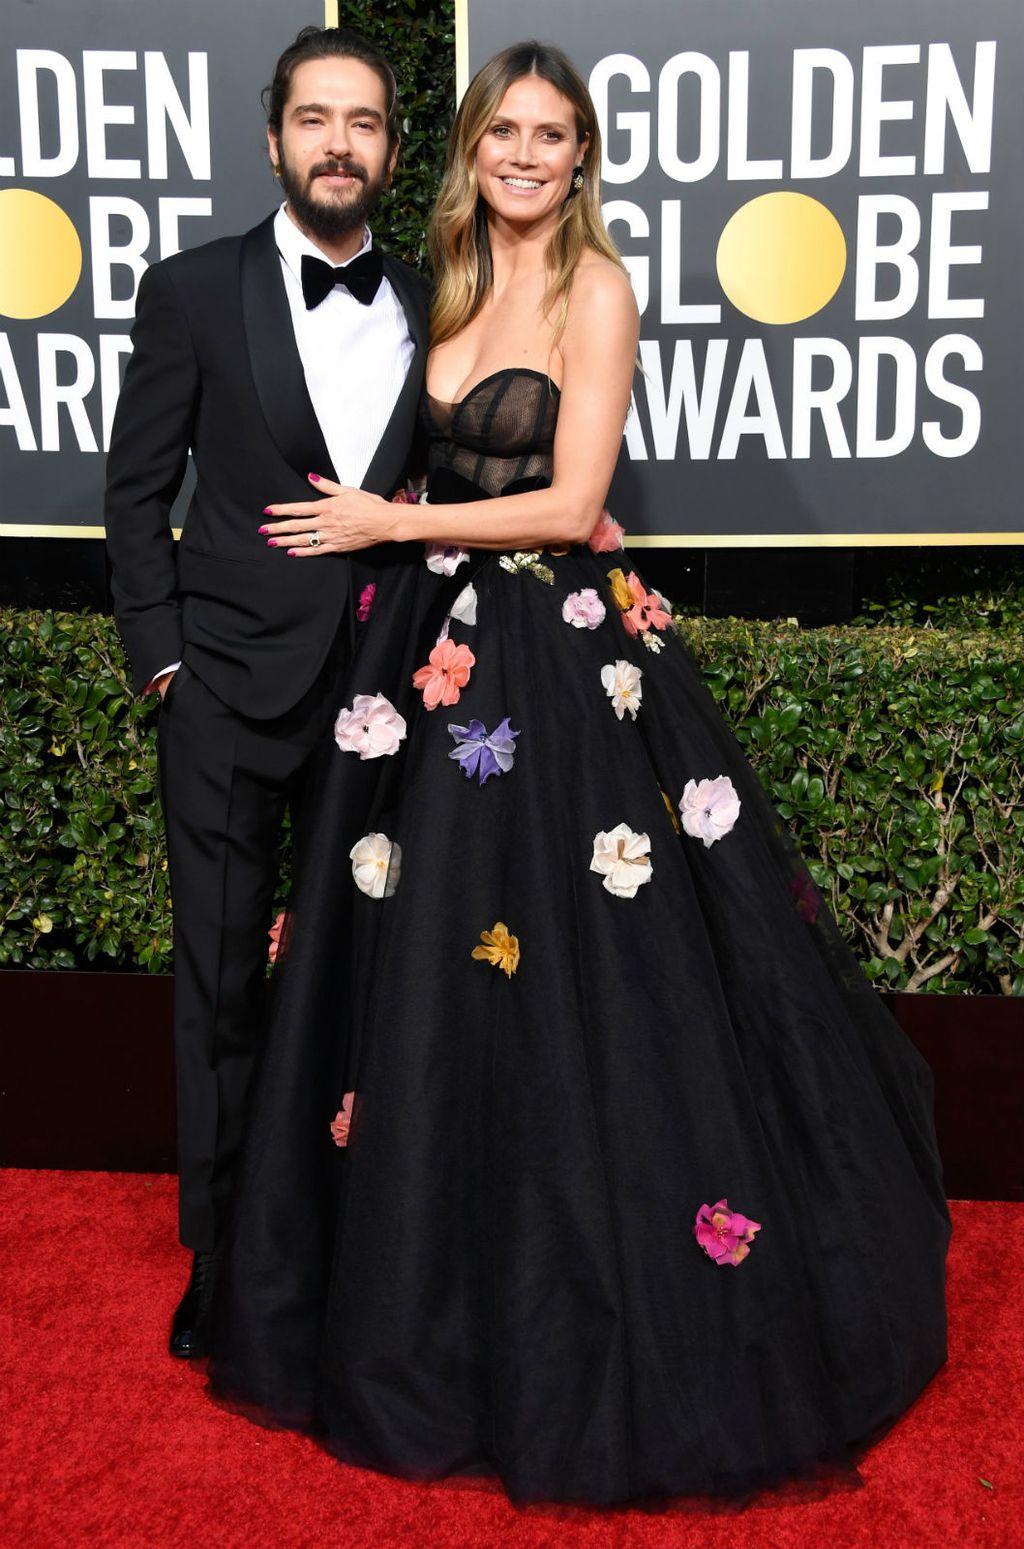 Heidi Klum na Zlatnim globusima u haljini s izraženim dekolteom - 5